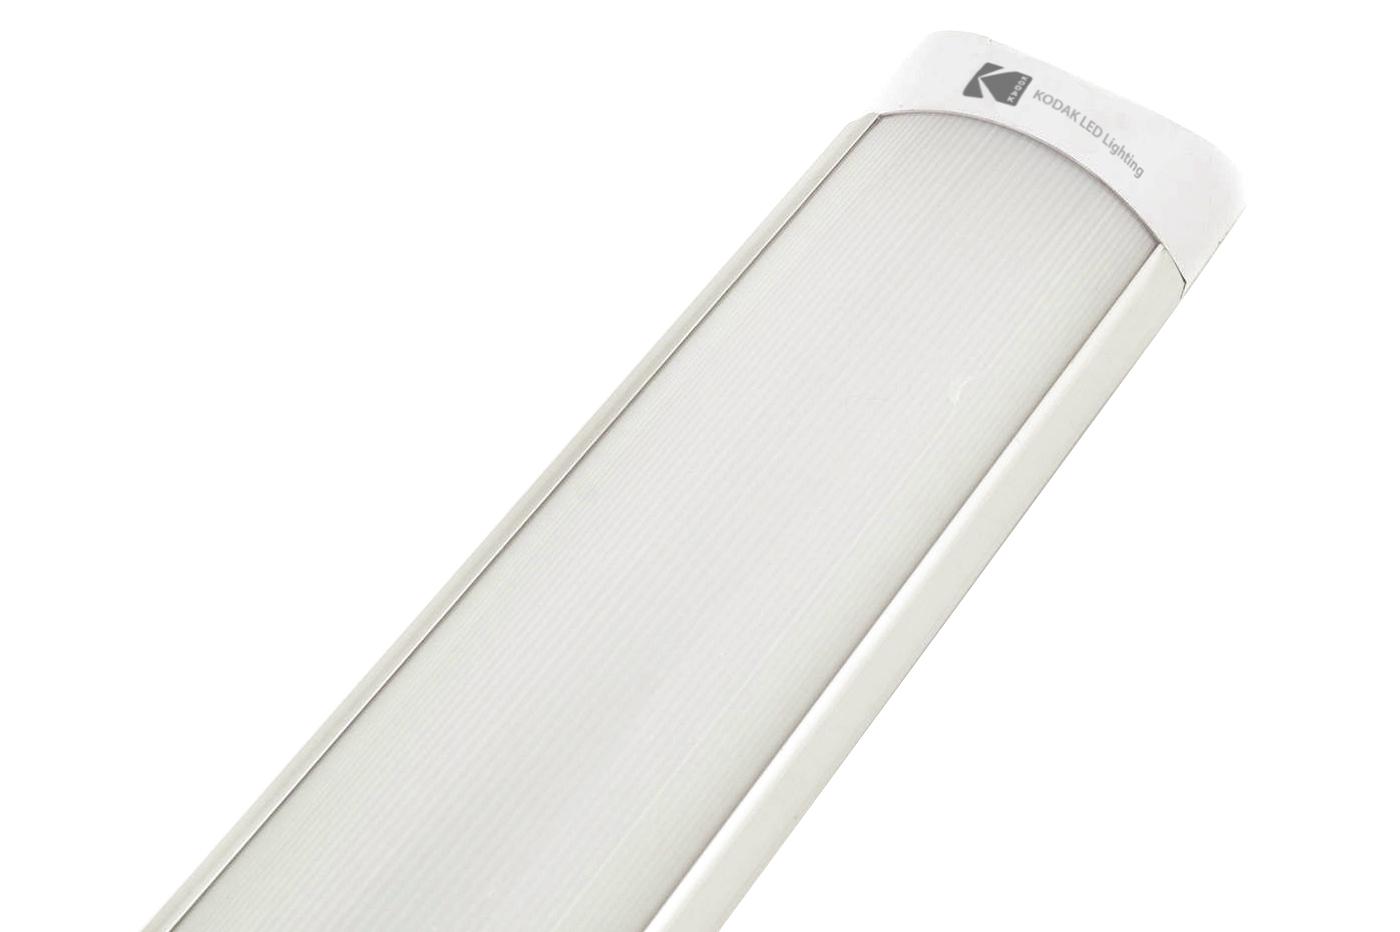 Plafoniere Neon 120 Cm : Bes plafoniere kodak beselettronica plafoniera